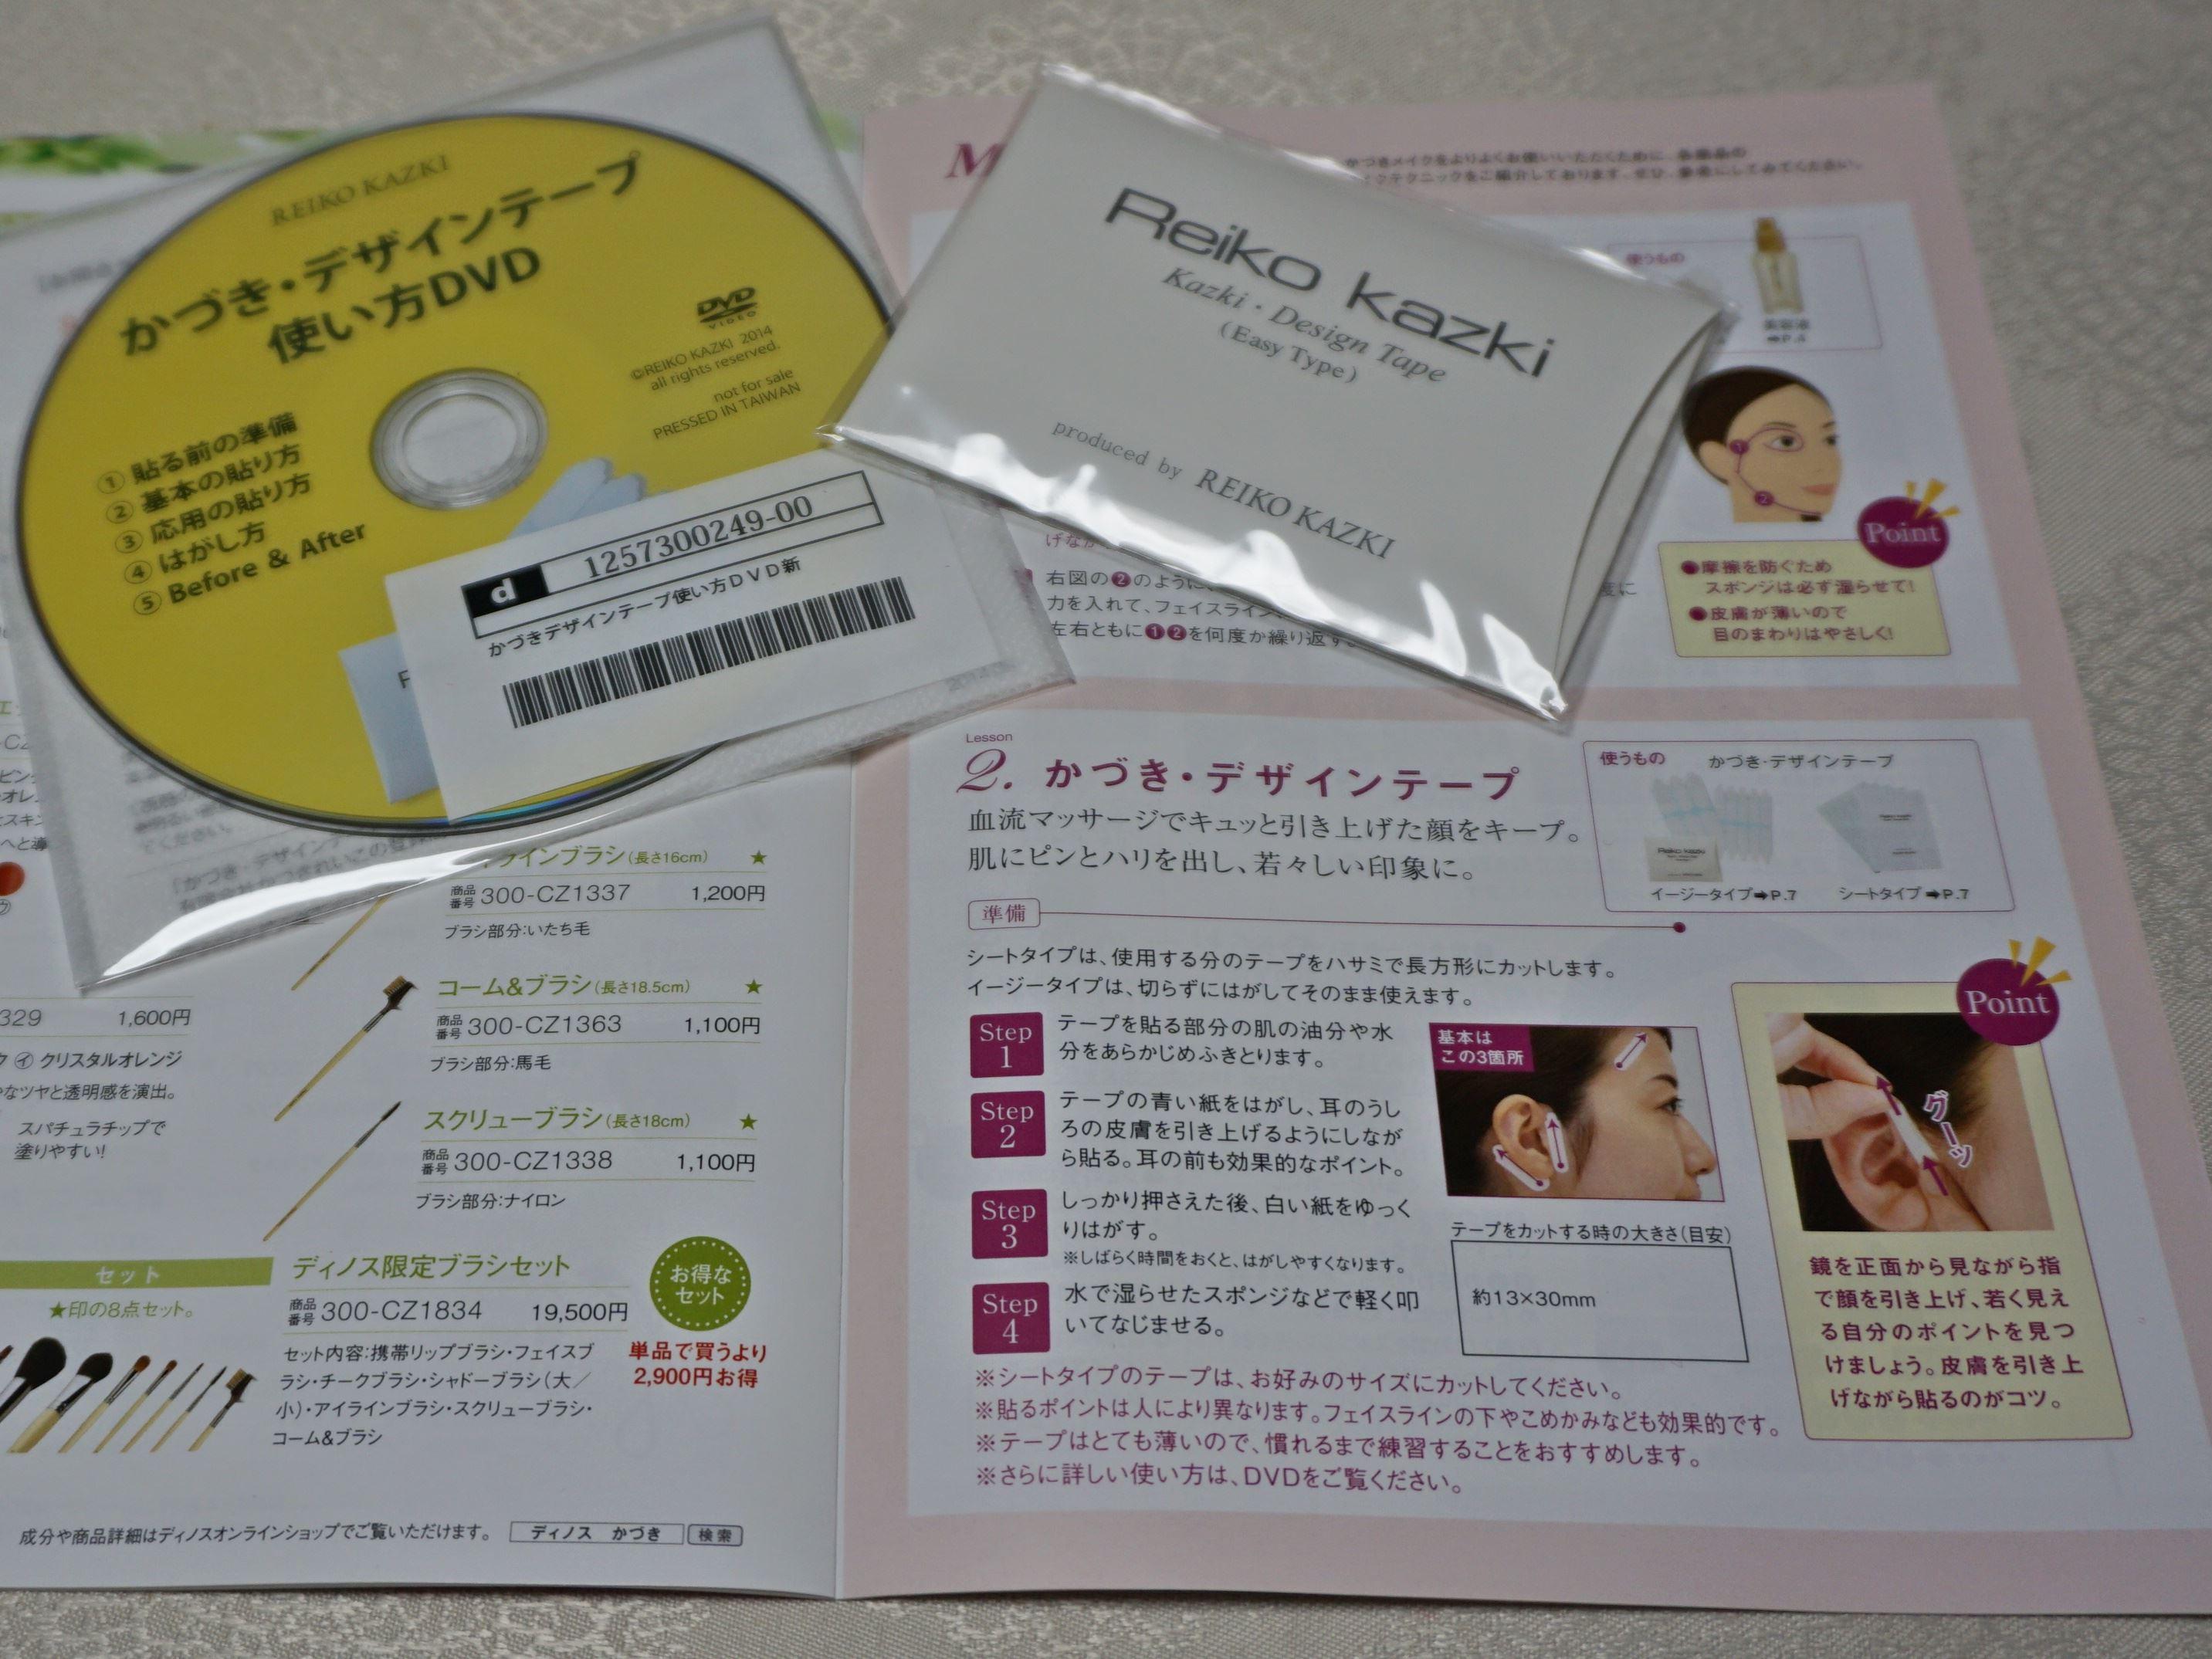 かづきれいこ デザインテープ (イージータイプ) 使い方DVD付き